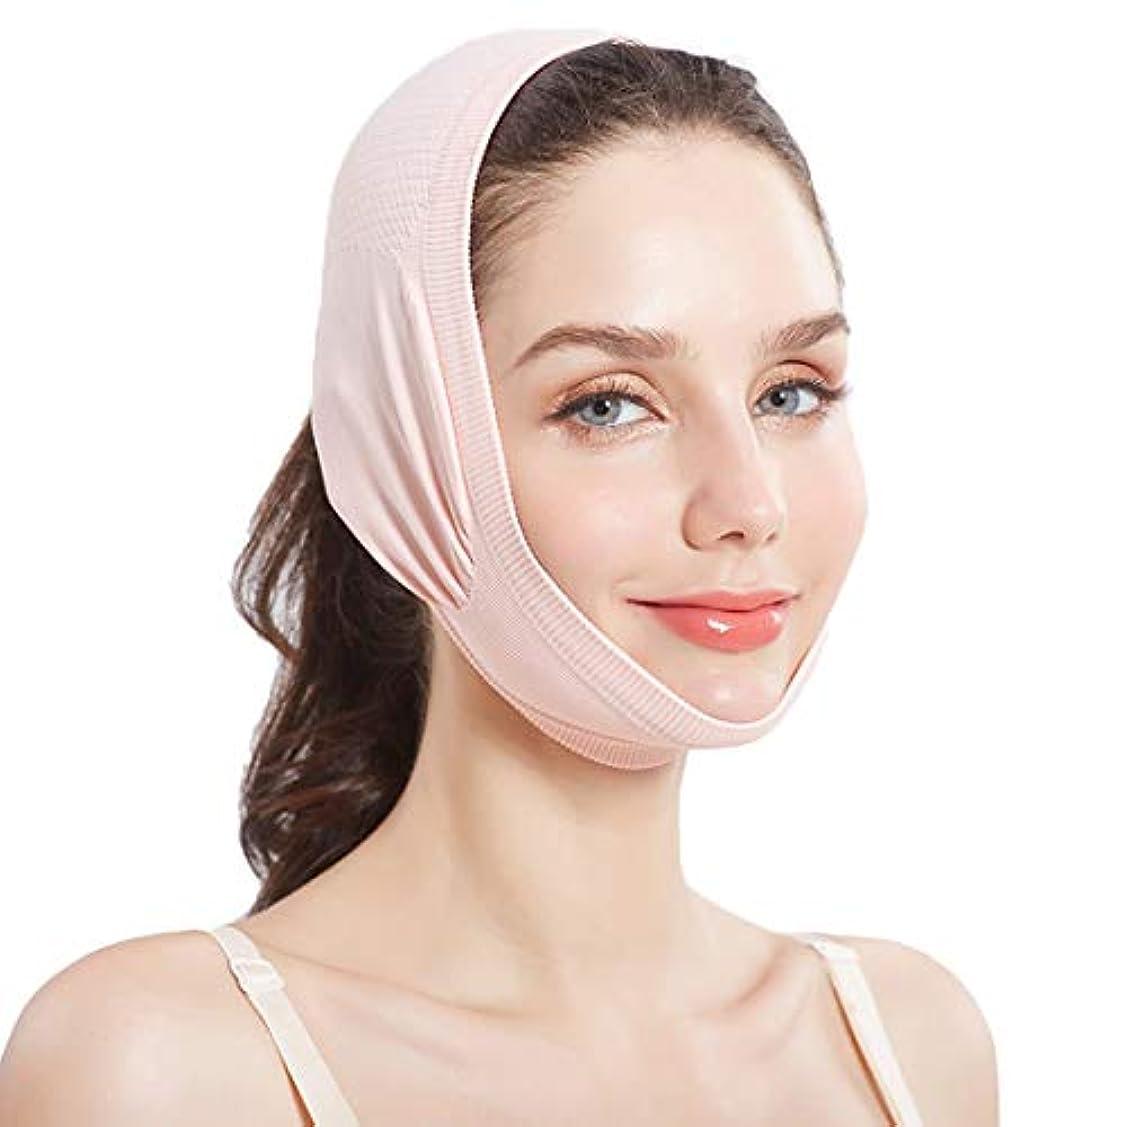 同行する社会学マニアックZWBD フェイスマスク, フェイスリフティング包帯マスクあごV整形マスク美容包帯マスクリフティング引き締めピンクベージュ (Color : Pink)